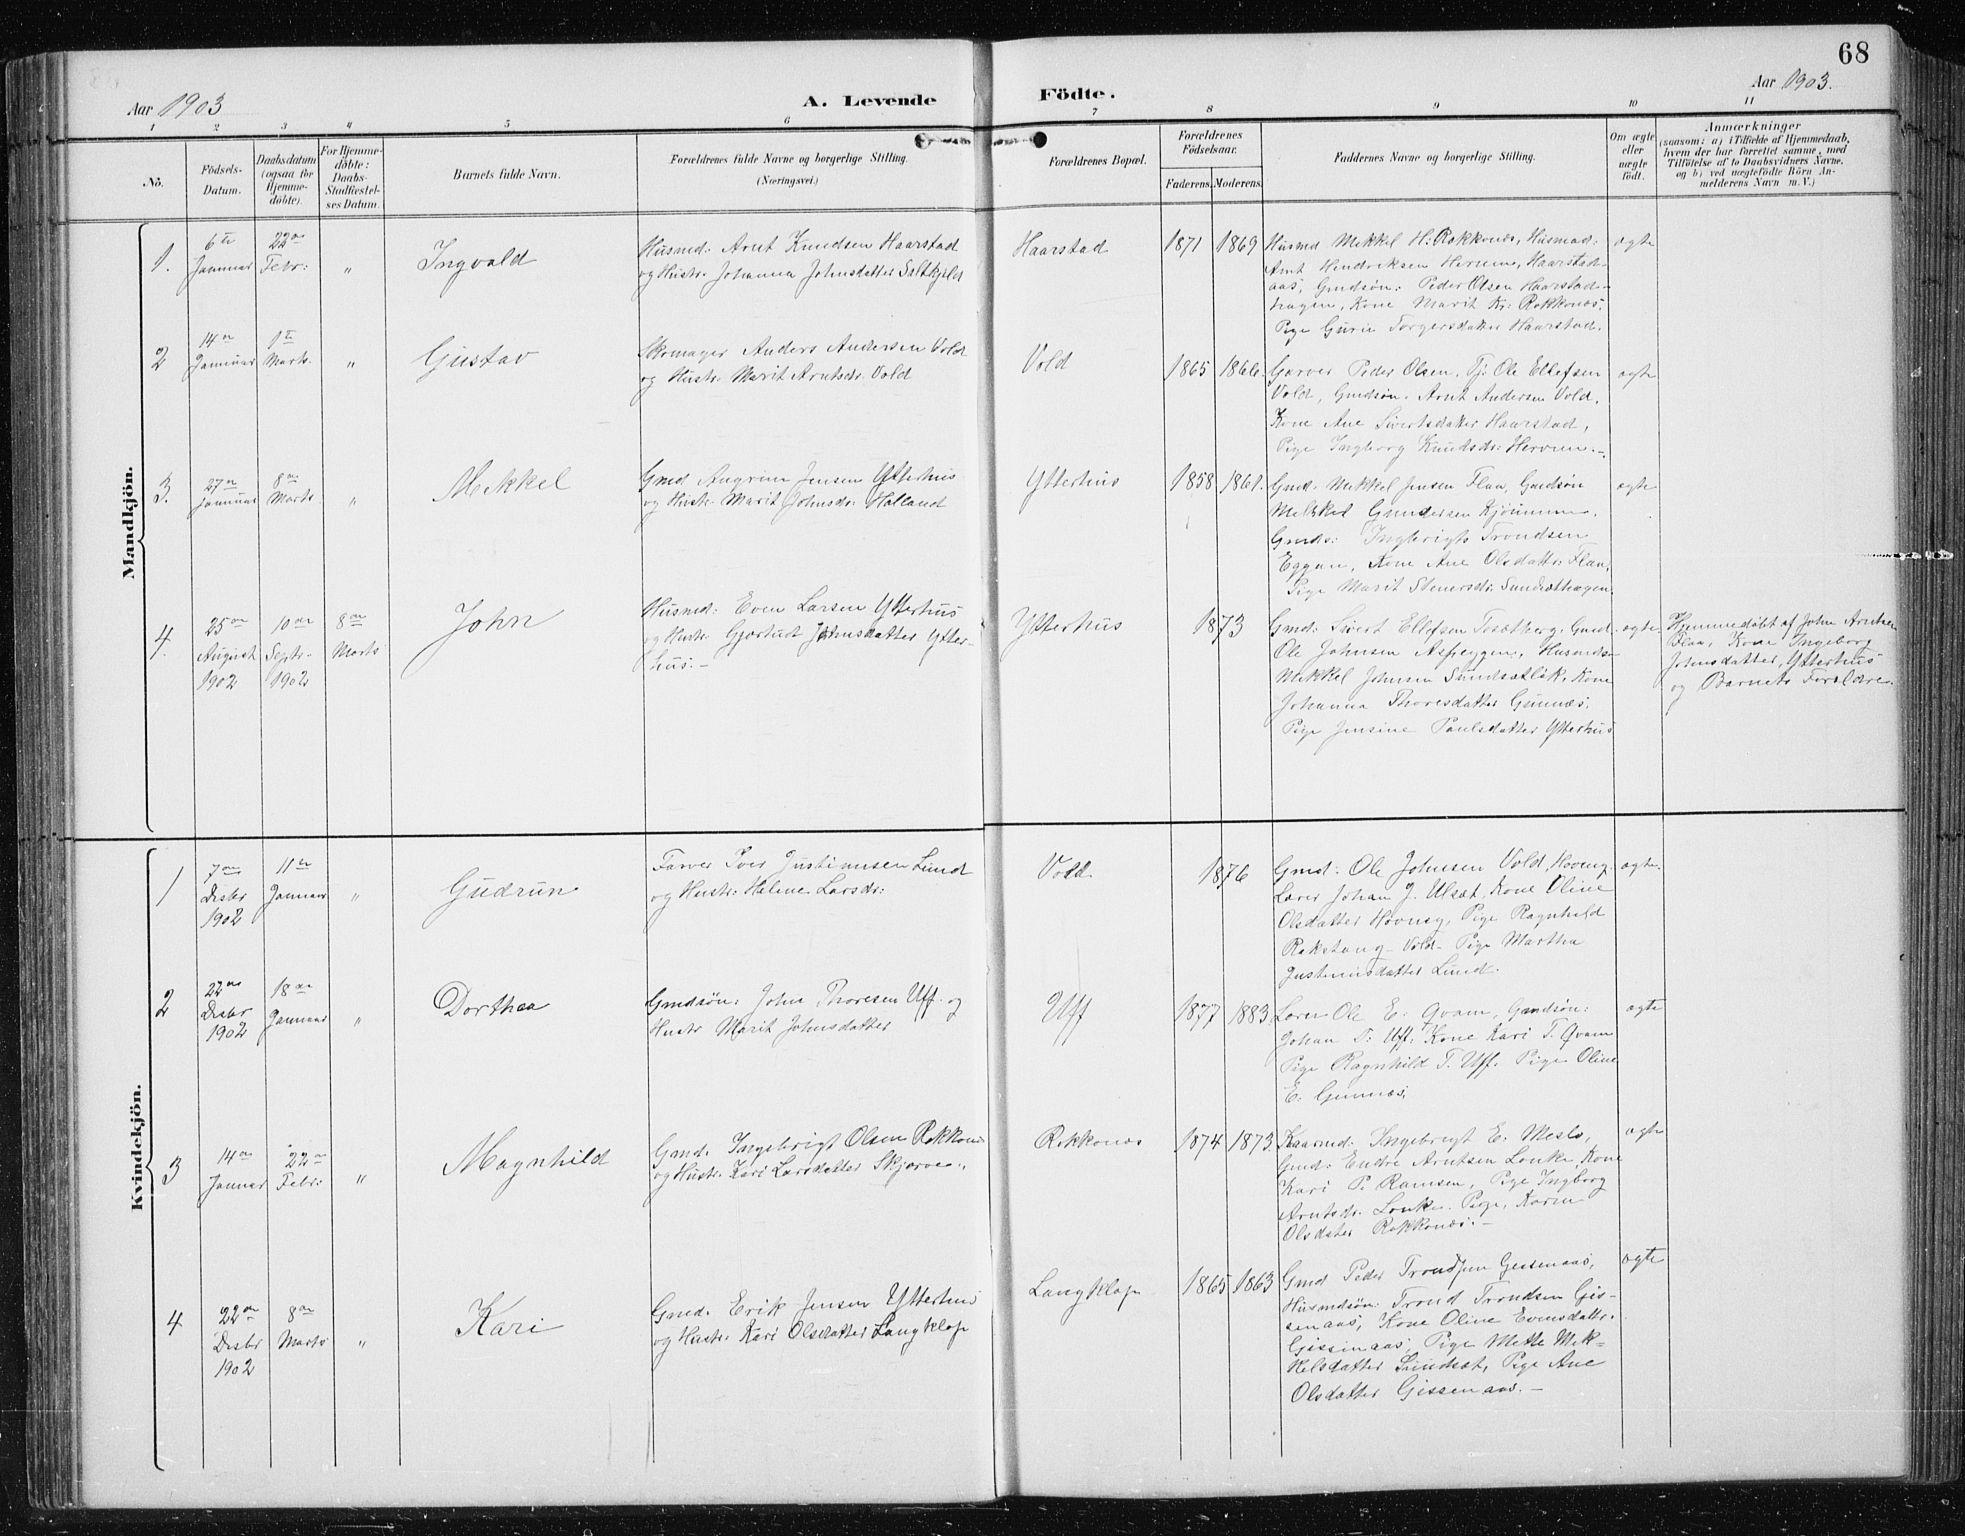 SAT, Ministerialprotokoller, klokkerbøker og fødselsregistre - Sør-Trøndelag, 674/L0876: Klokkerbok nr. 674C03, 1892-1912, s. 68